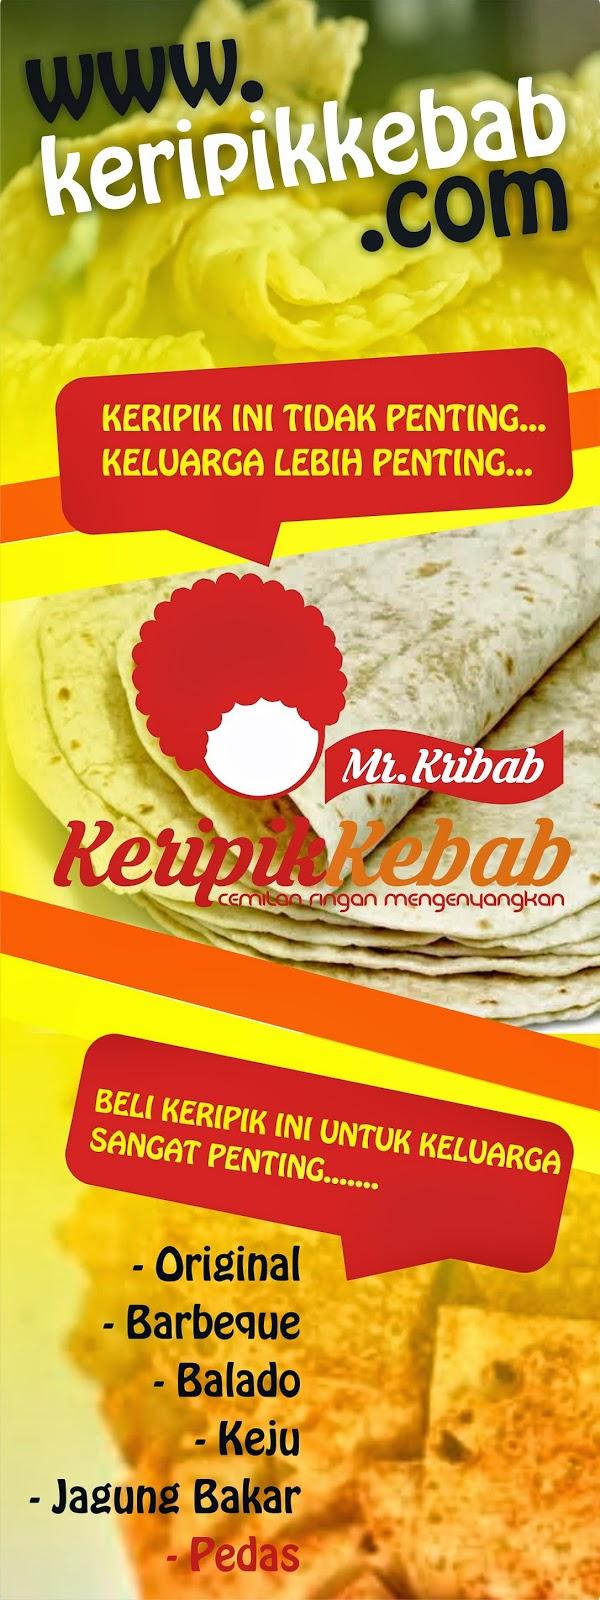 Keripik Kebab Mr Kribab Peluang Reseller